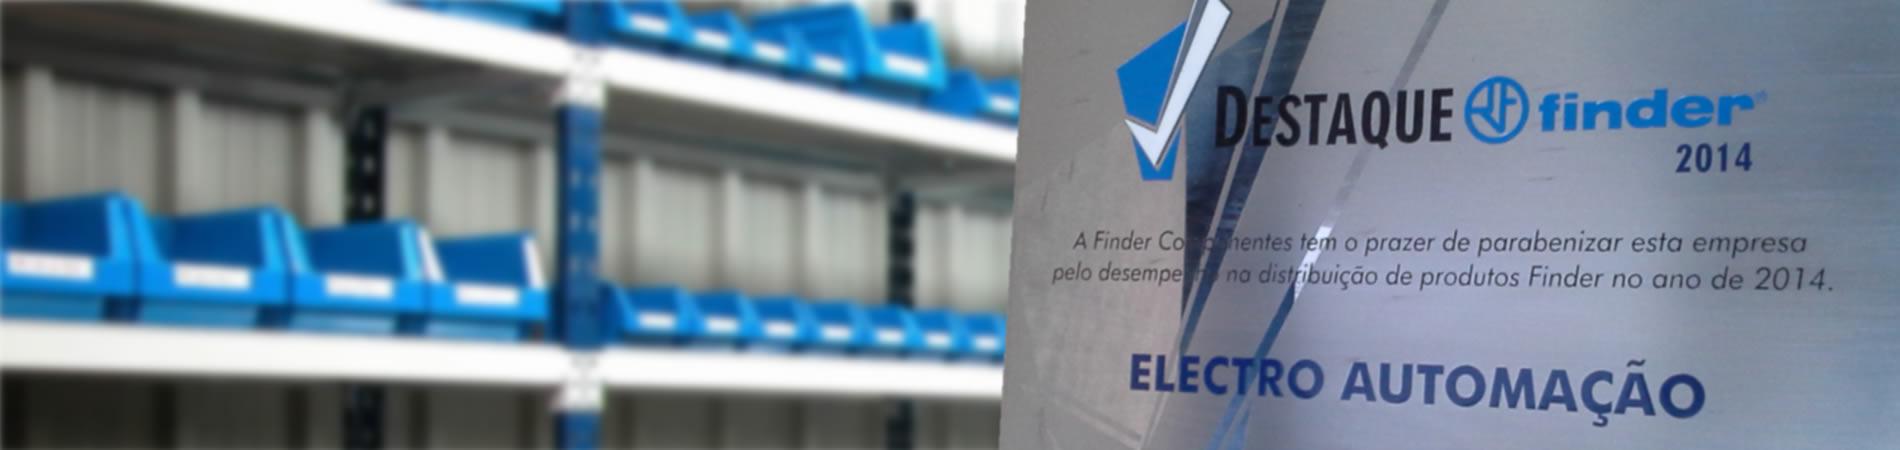 Electro Automação Industrial - Destaque Finder 2014